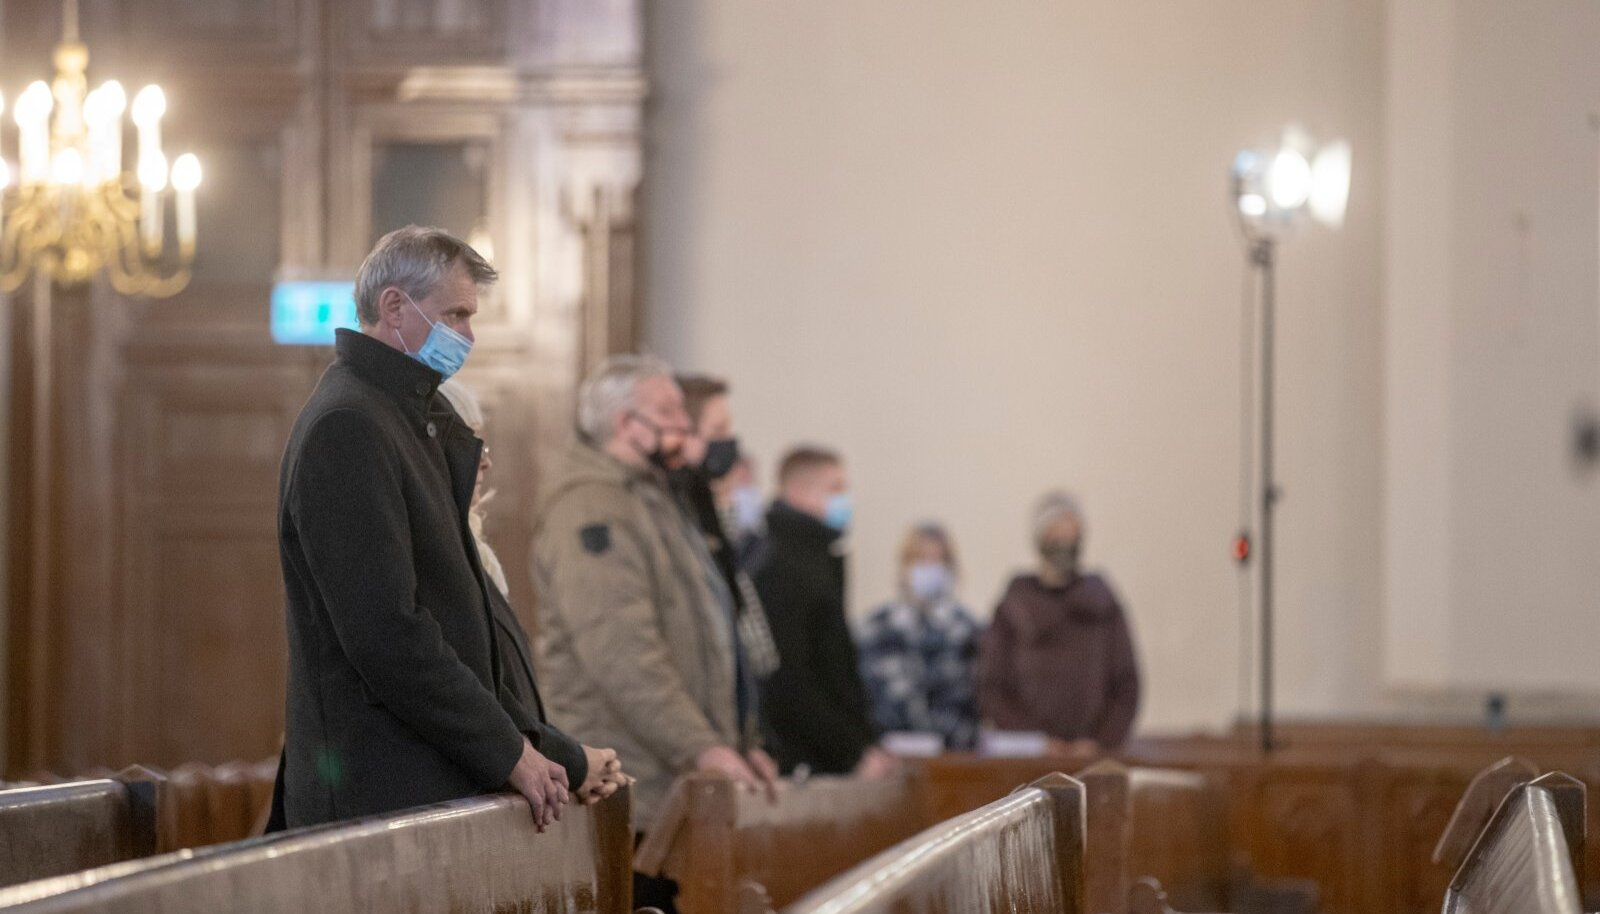 Jumalateenistustel peab kandma maski ja kokku tohib tulla vaid pool sellest hulgast, kes kirikusse mahub.